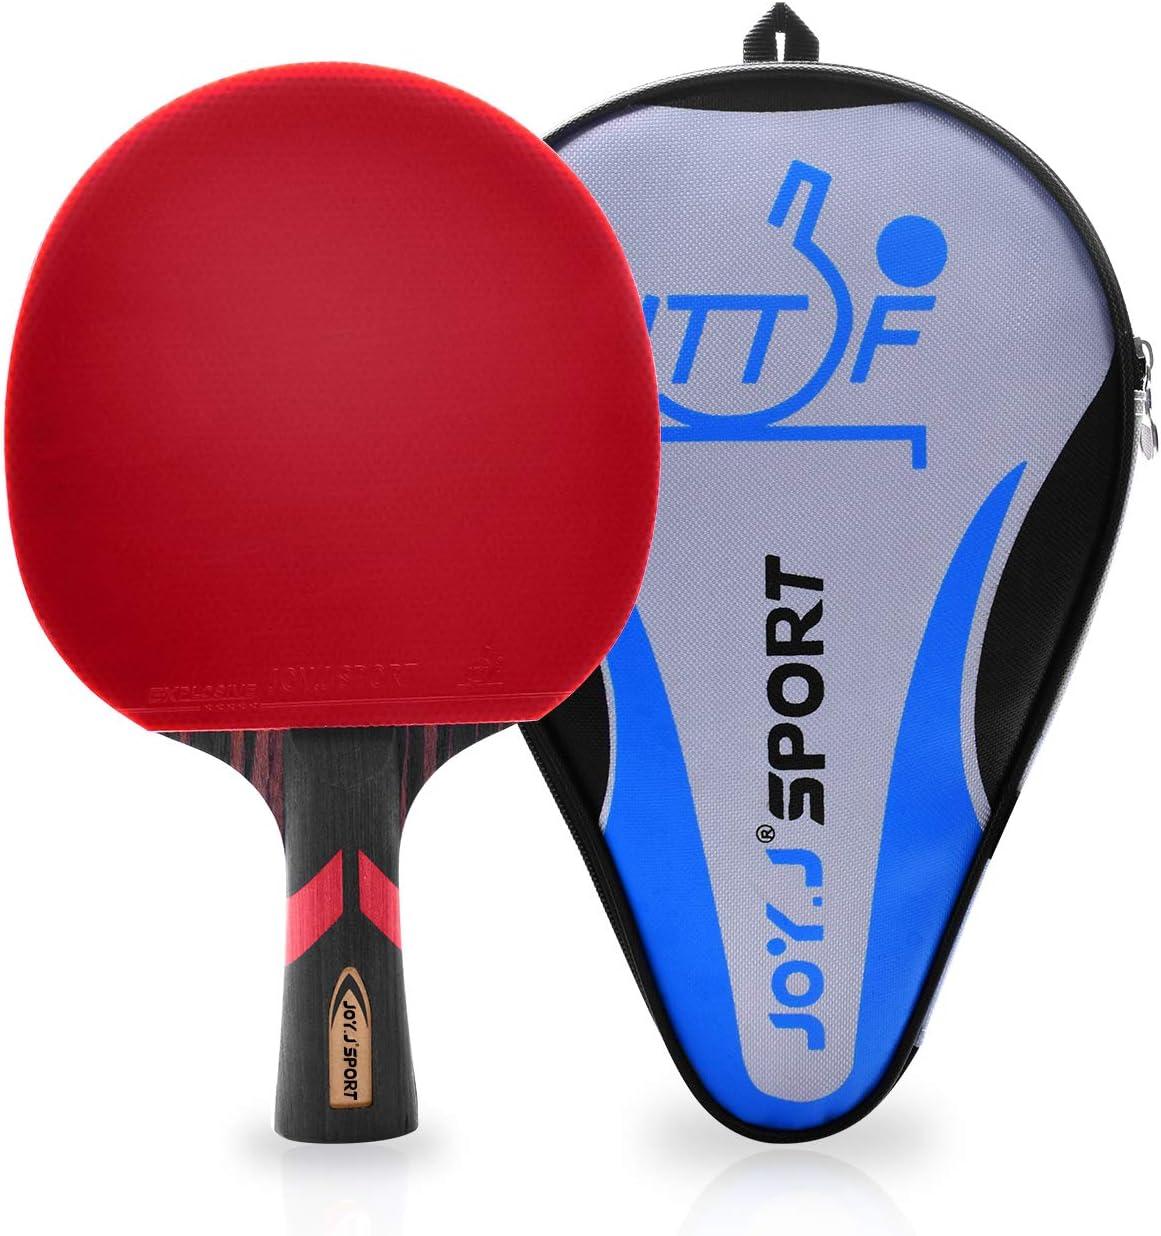 Pala de tenis de mesa Joy.J Sport profesional de 9 capas de madera, aprobada por la ITTF, con bolsa de almacenamiento, perfecto para intermedios y avanzados